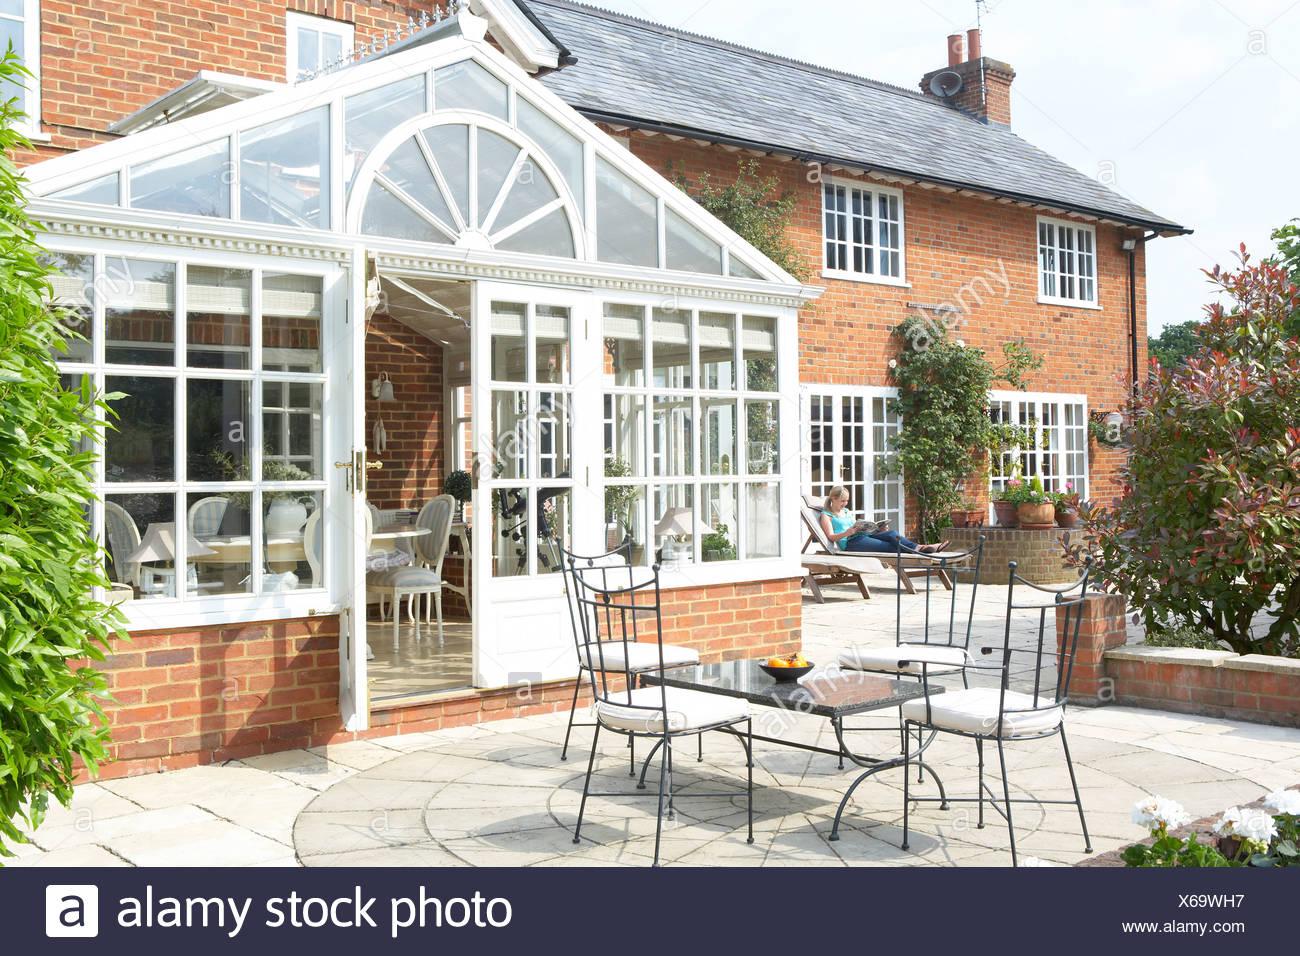 Haus mit Wintergarten und Terrasse Stockfoto, Bild: 279271475 - Alamy